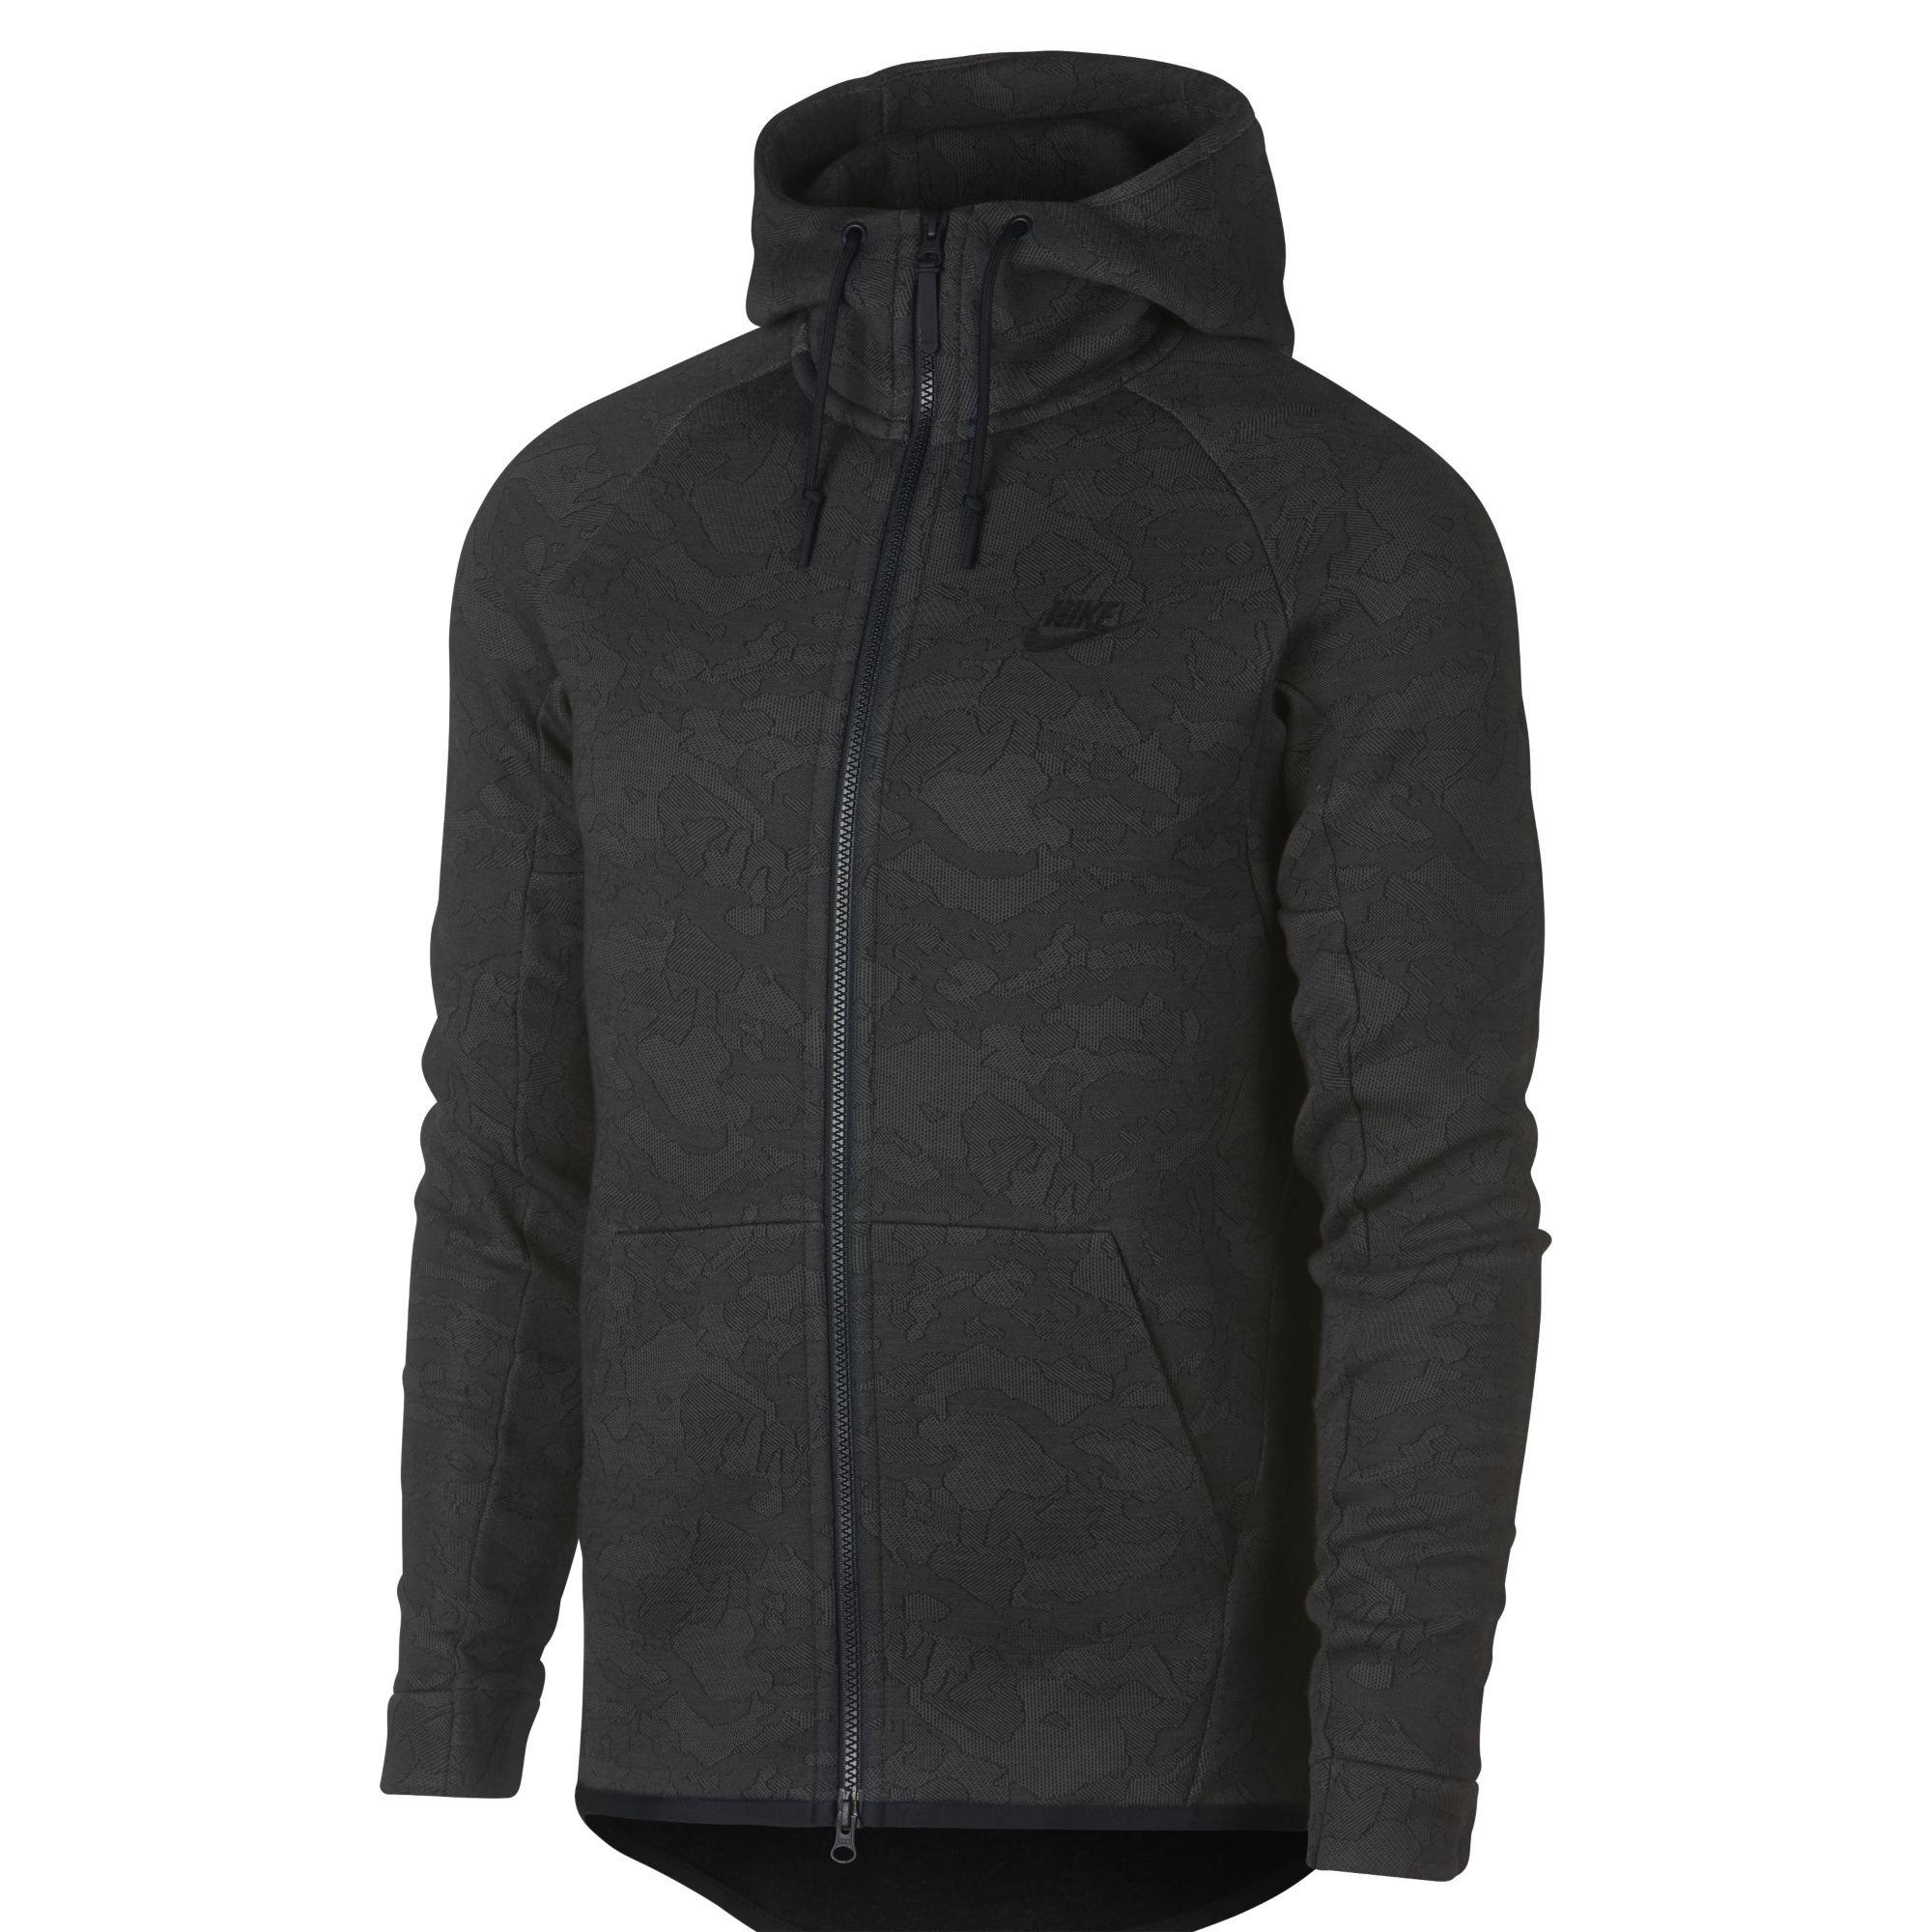 aadca116ab68e Best Rated in Men's Fleece Jackets & Coats & Helpful Customer ...